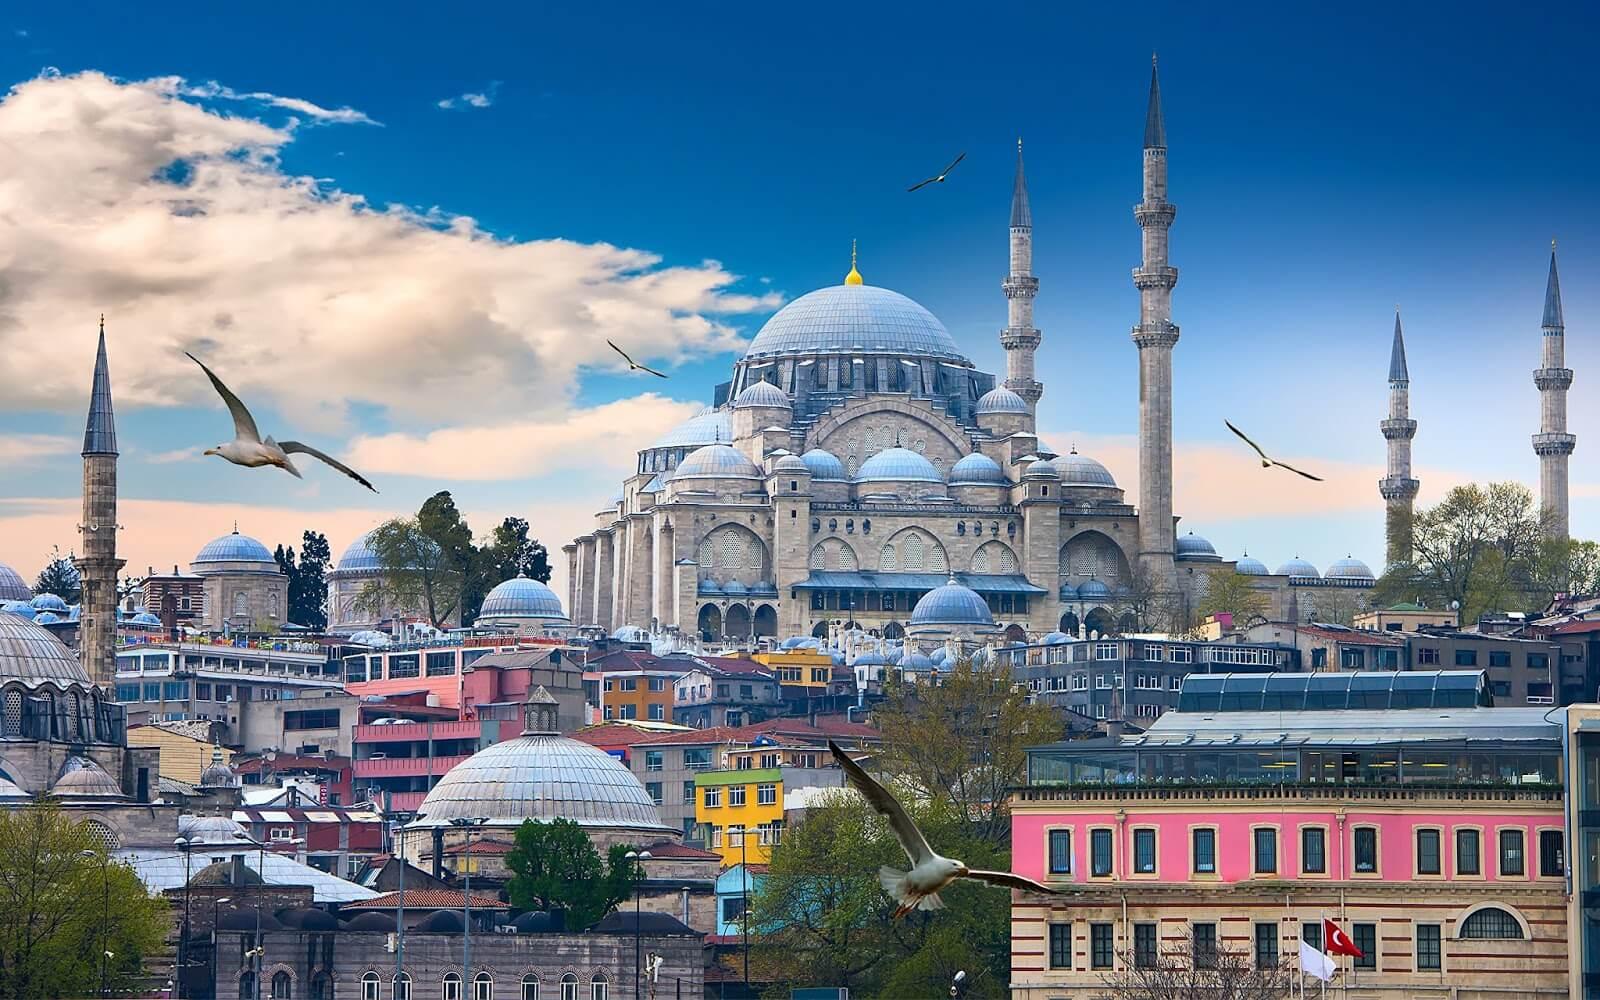 فرص عمل تركيا اليوم 19/07/2020 العمل في تركيا,فرص عمل في تركيا,تركيا,فرص العمل في تركيا,فرص عمل في تركيا اليوم,الحياة في تركيا,فرص العمل في تركيا وكيف أحصل عليها الحياة في تركيا,كيف تجد عمل في تركيا,كيف احصل ع عمل في تركيا,فرص عمل,المعيشة في تركيا,اسهل عمل في تركيا,فرص عمل في تركيا 2020,فرص عمل في تركيا 2019,كيف اجد عمل في تركيا,فرص عمل في تركيا انقرة,فرص عمل في تركيا تلغرام,فرص عمل للنساء في تركيا,فرص عمل في تركيا اسطنبول,اذن العمل في تركيا,فرص عمل في تركيا للمغاربة,أفضل 5 مواقع للبحث عن فرصة عمل في تركيا,العيش في تركيا